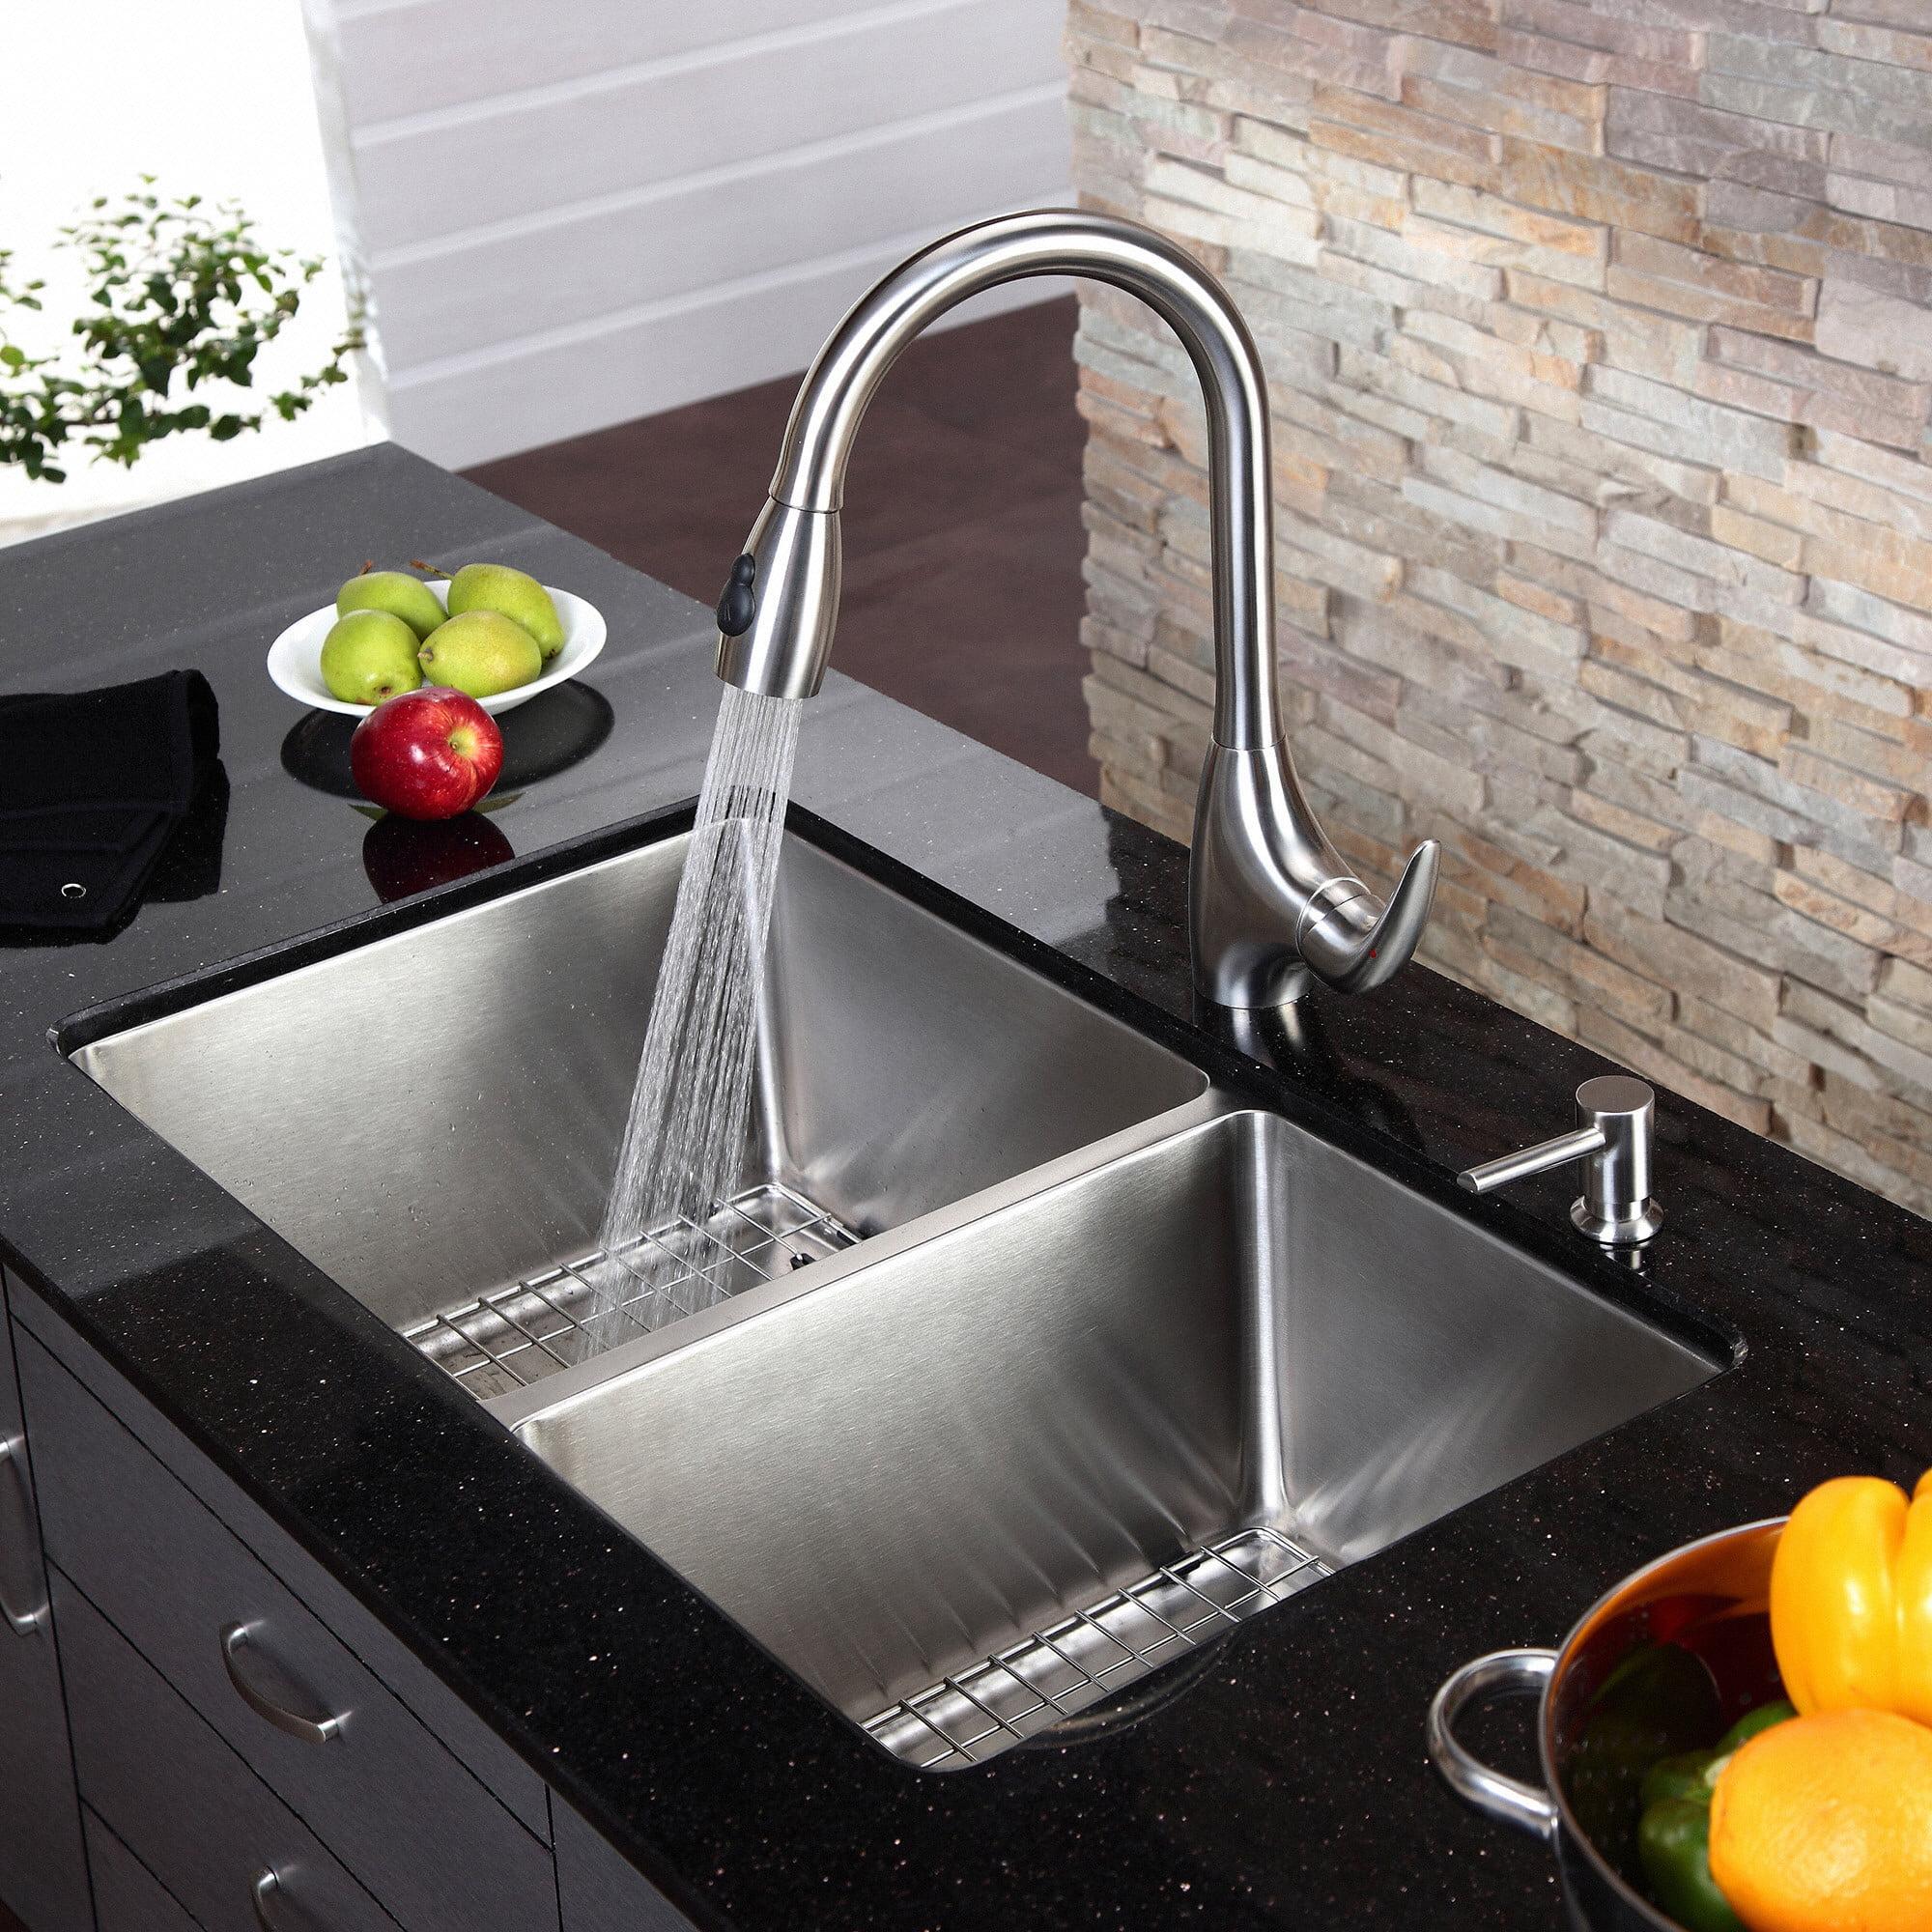 Kraus KHU103 33 Double Basin Undermount Kitchen Sink Walmart